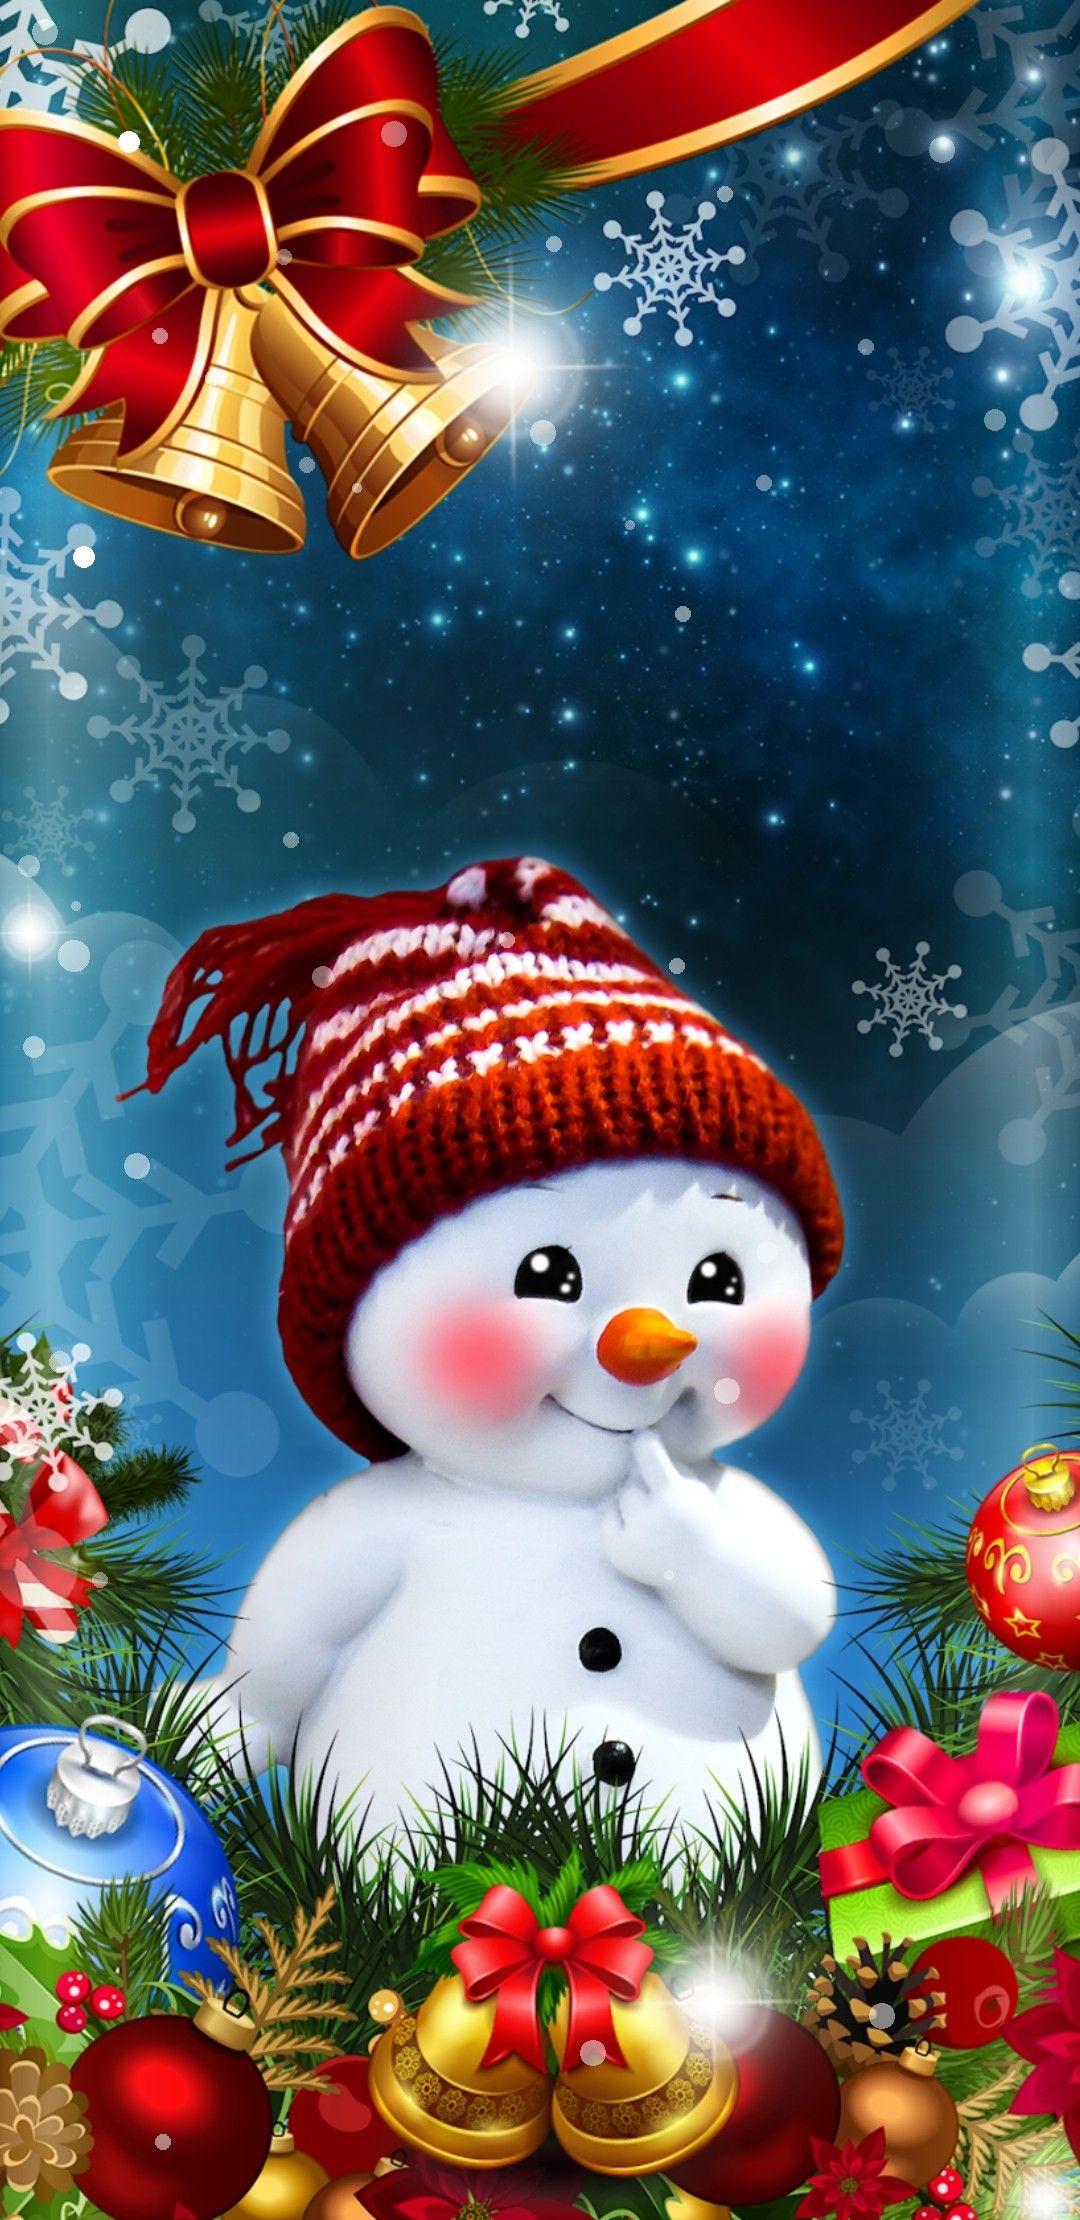 Sfondi Natalizi Per Bambini.Pin Di Mina Rocchio Su Disegni X Bambini Buon Natale Natale E